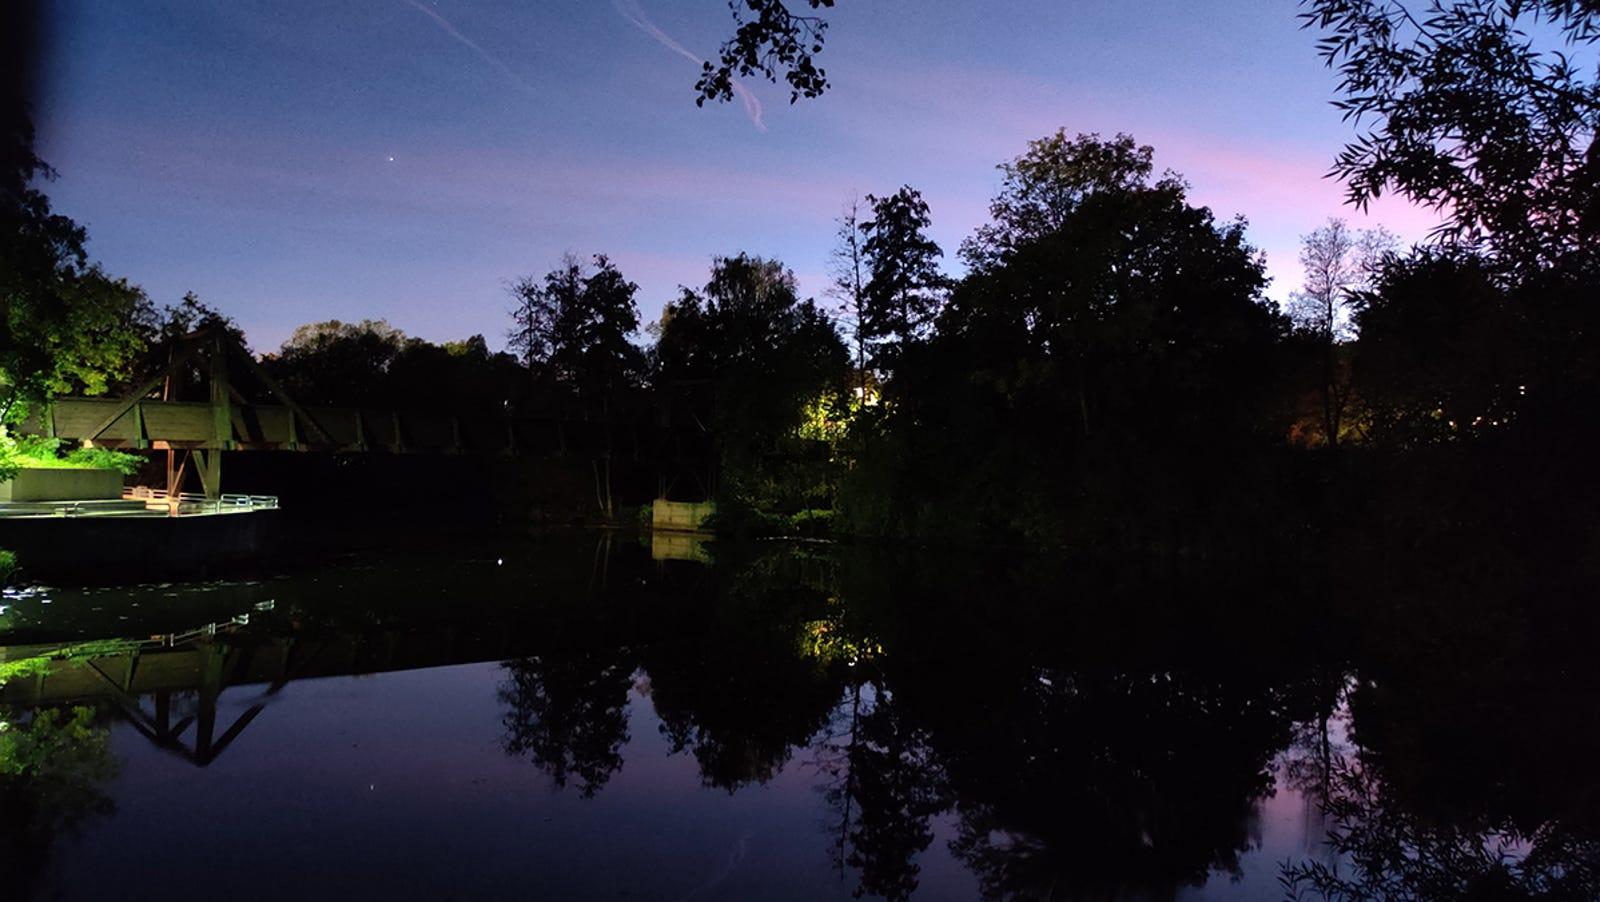 Foto nocturna en modo normal. Poco detalle en zonas oscuras y bastante grano, pero no está nada mal.